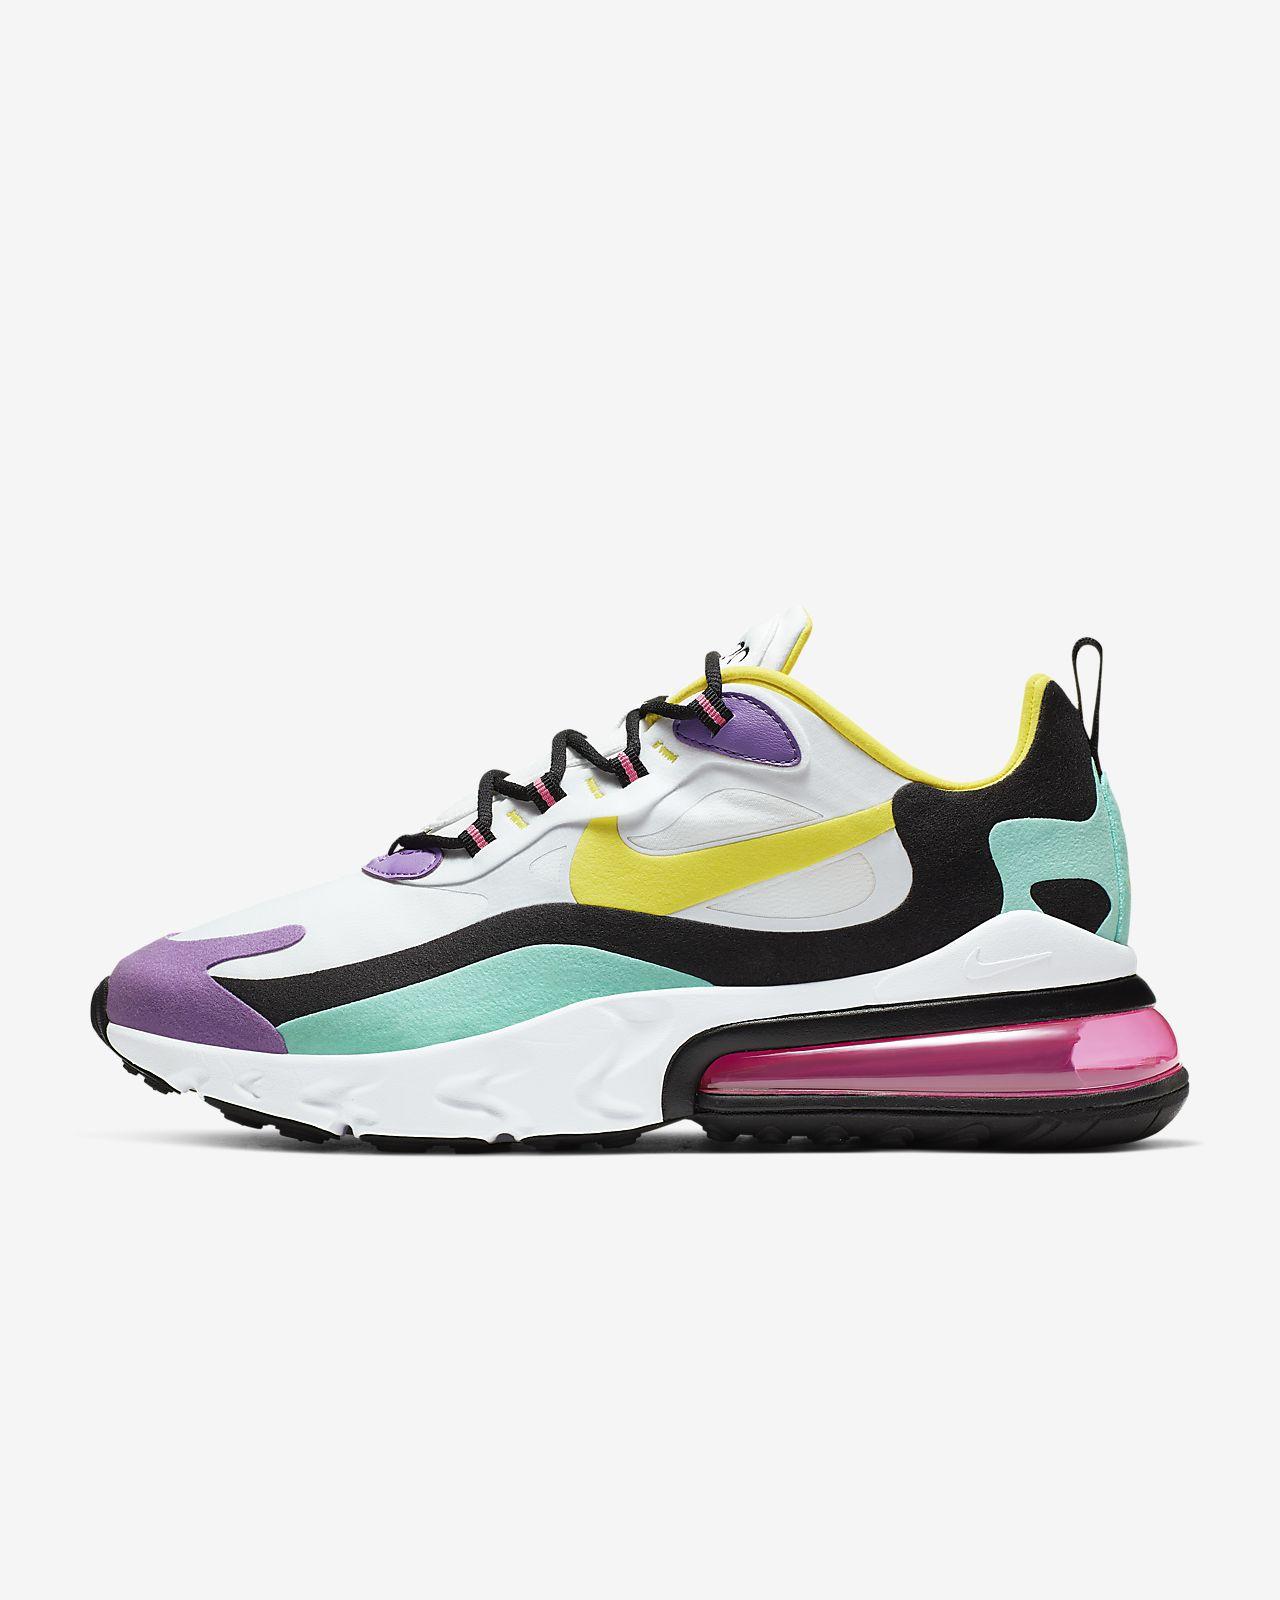 รองเท้าผู้ชาย Nike Air Max 270 React (Geometric Abstract)